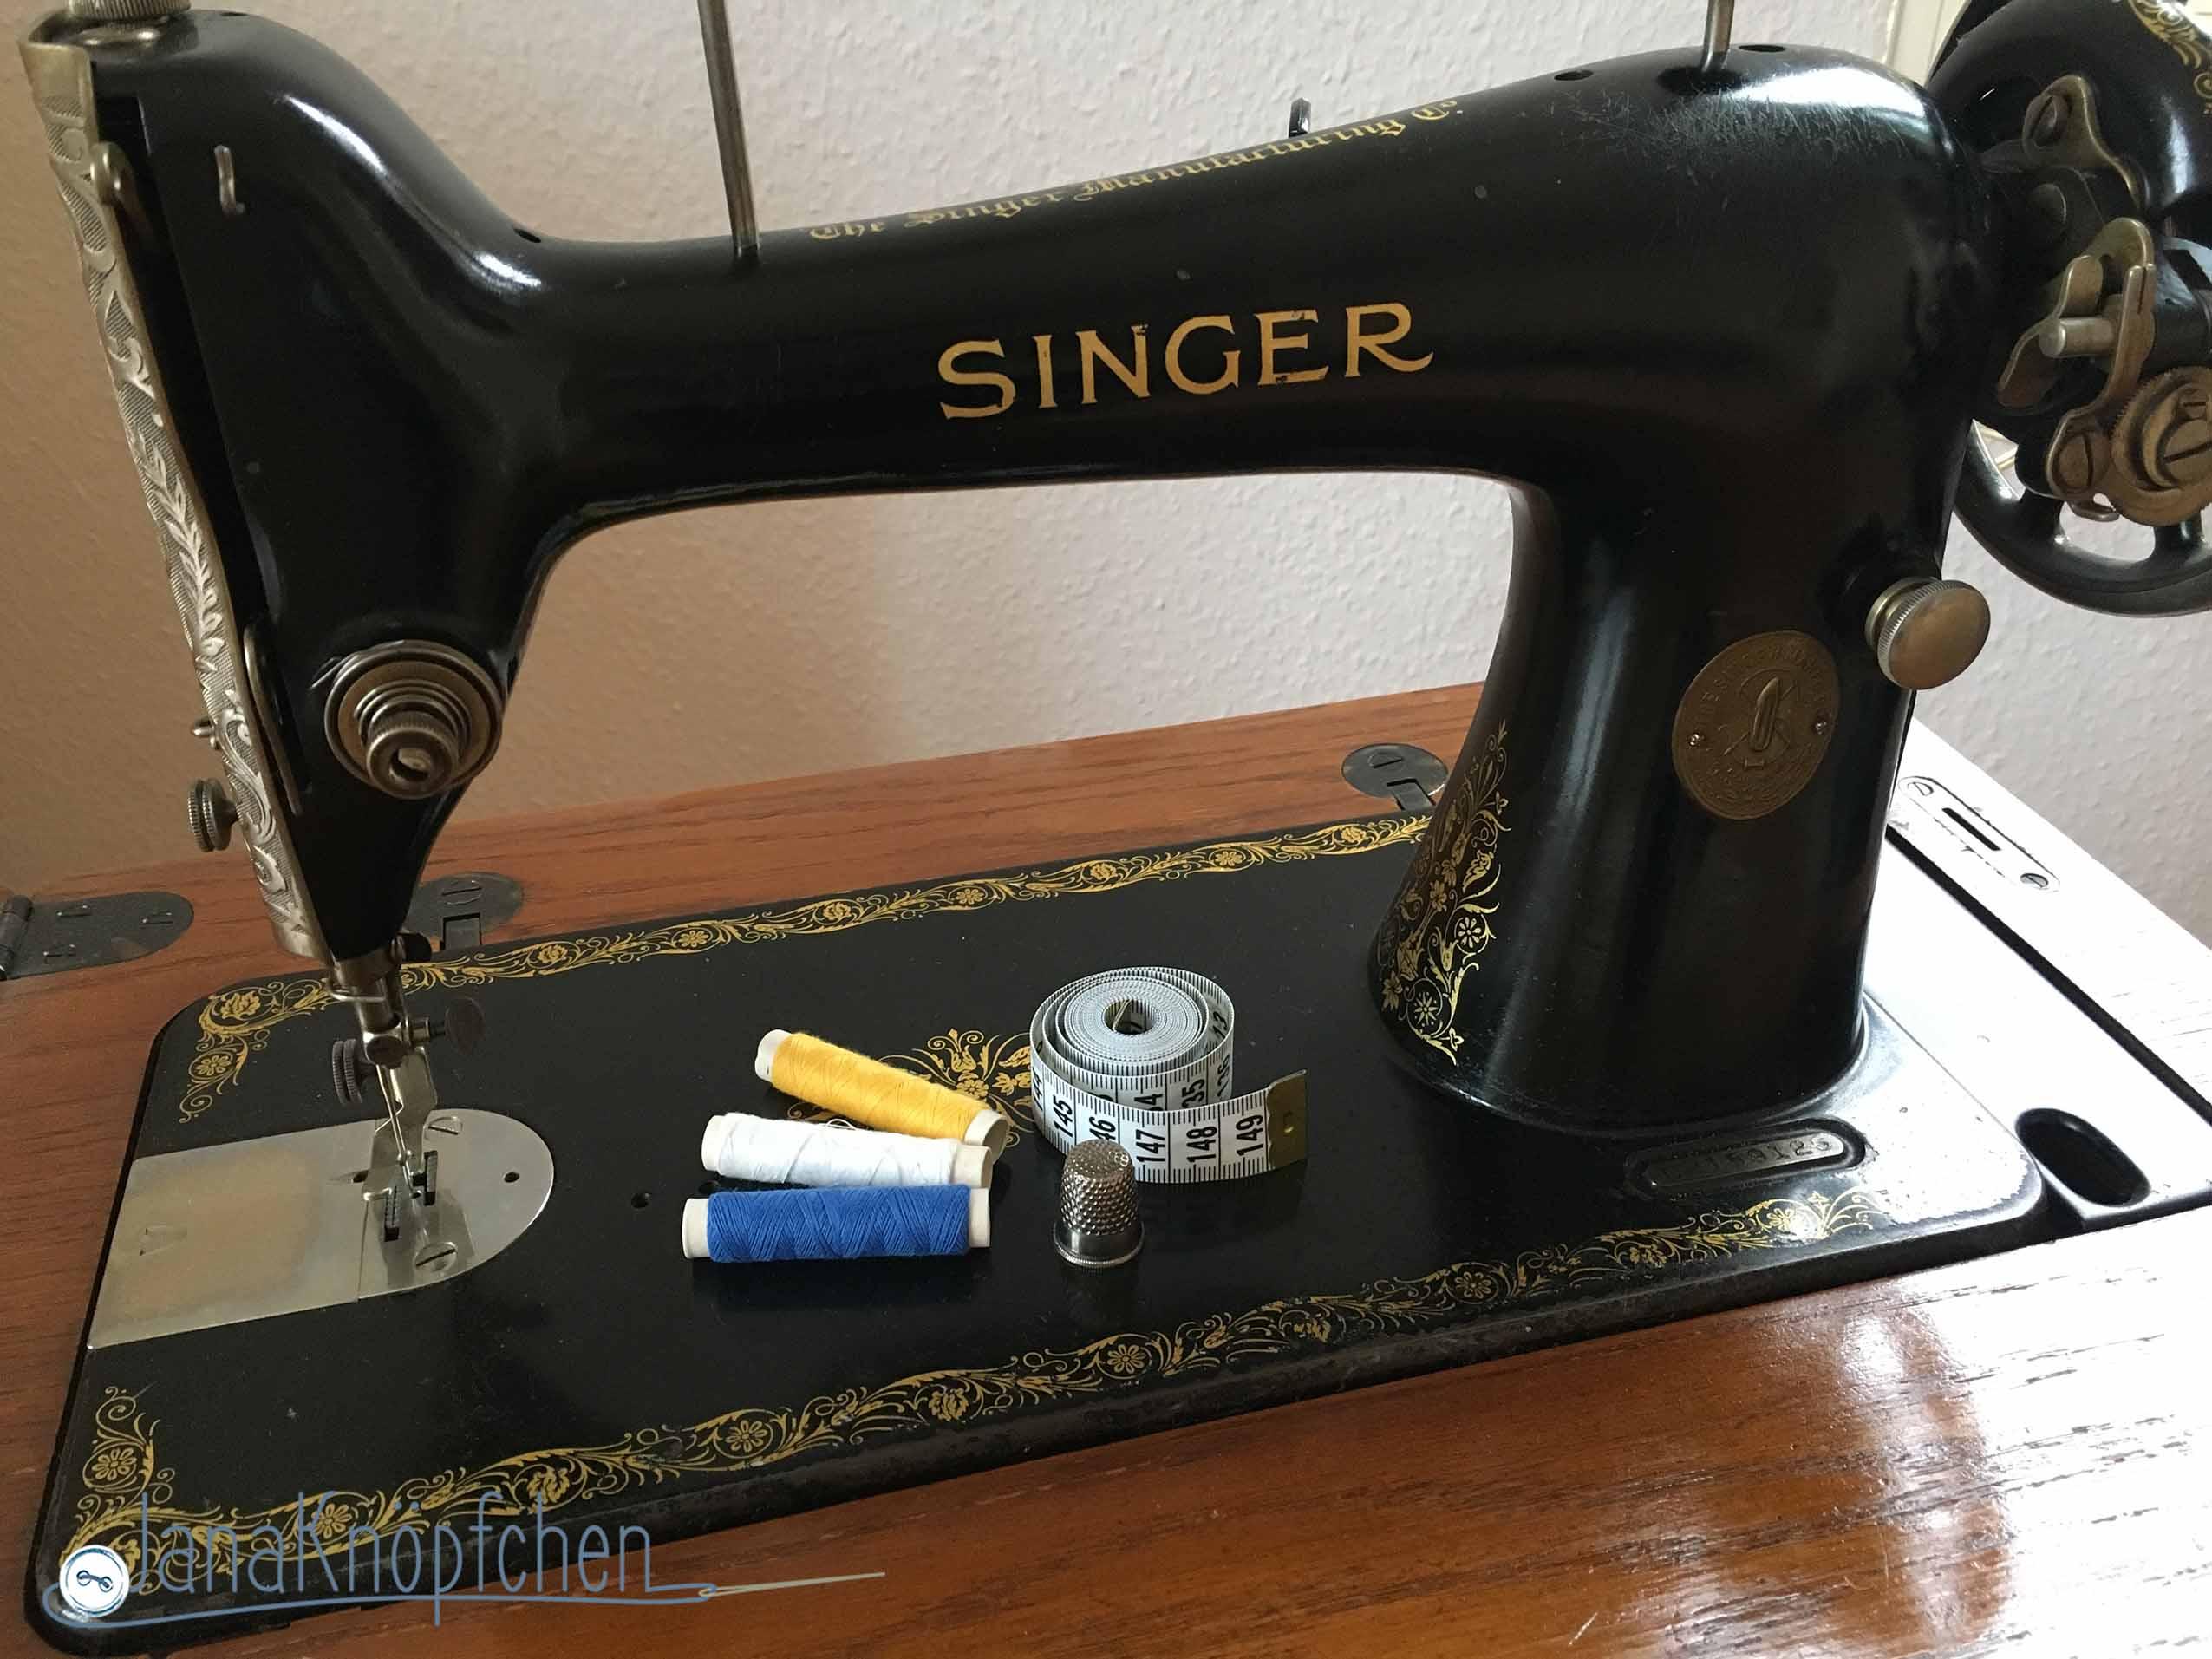 Meine Nähmaschinen. Auf einer alten Singer Nähmaschine lernte ich nähen. JanaKnöpfchen. Nähen für Jungs - Nähbloge